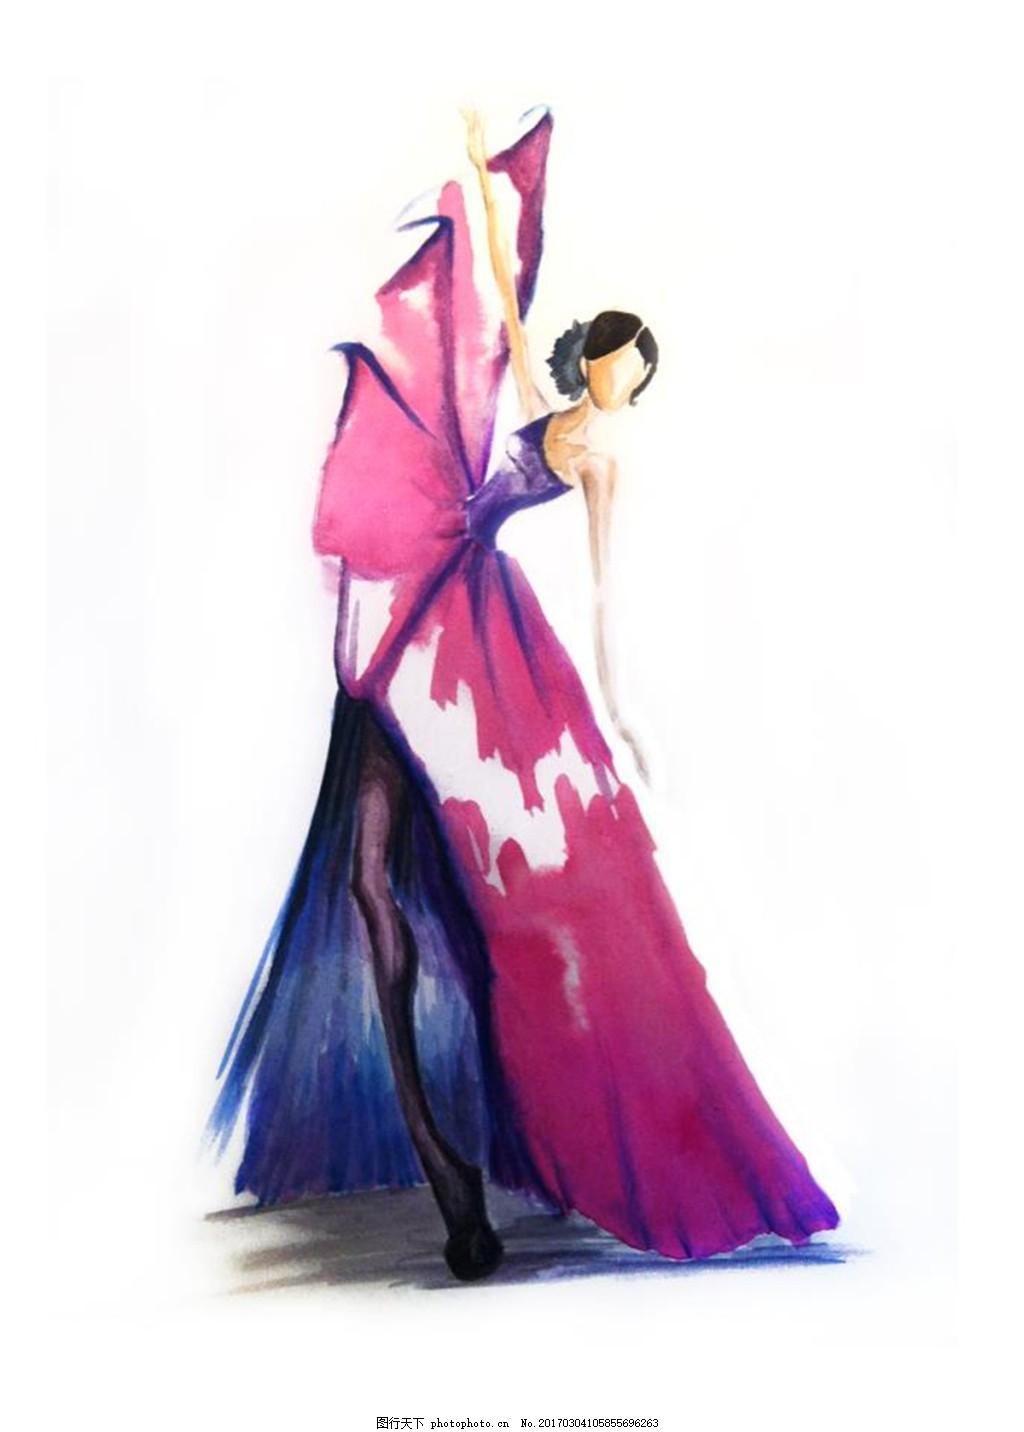 设计图库 现代科技 服装设计  单肩长裙礼服设计图 服装设计 时尚女装